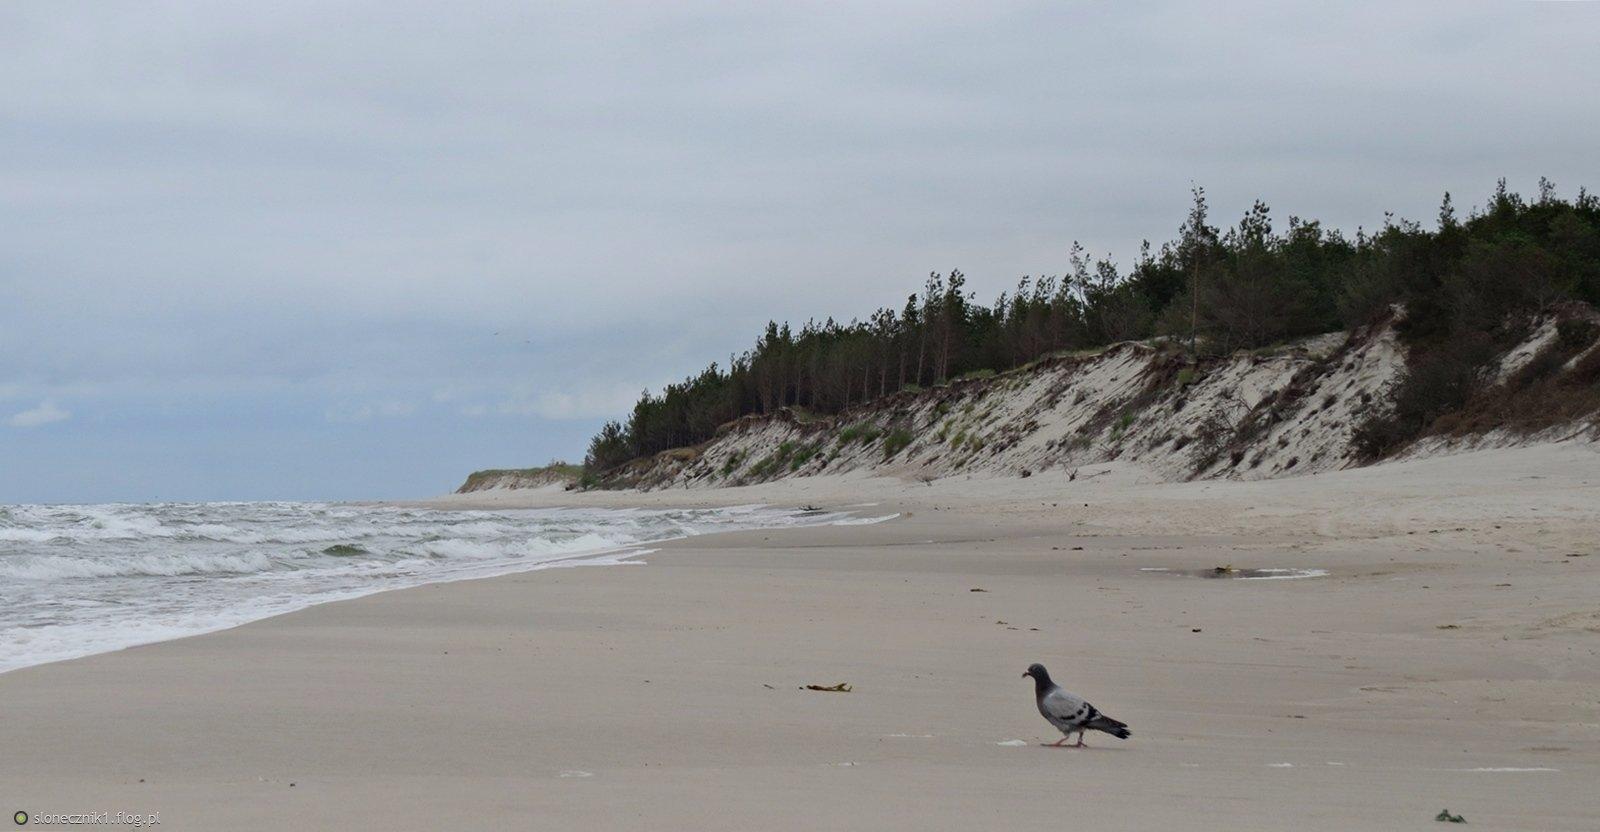 Pusta plaża , więc na spacer wyszedł :)